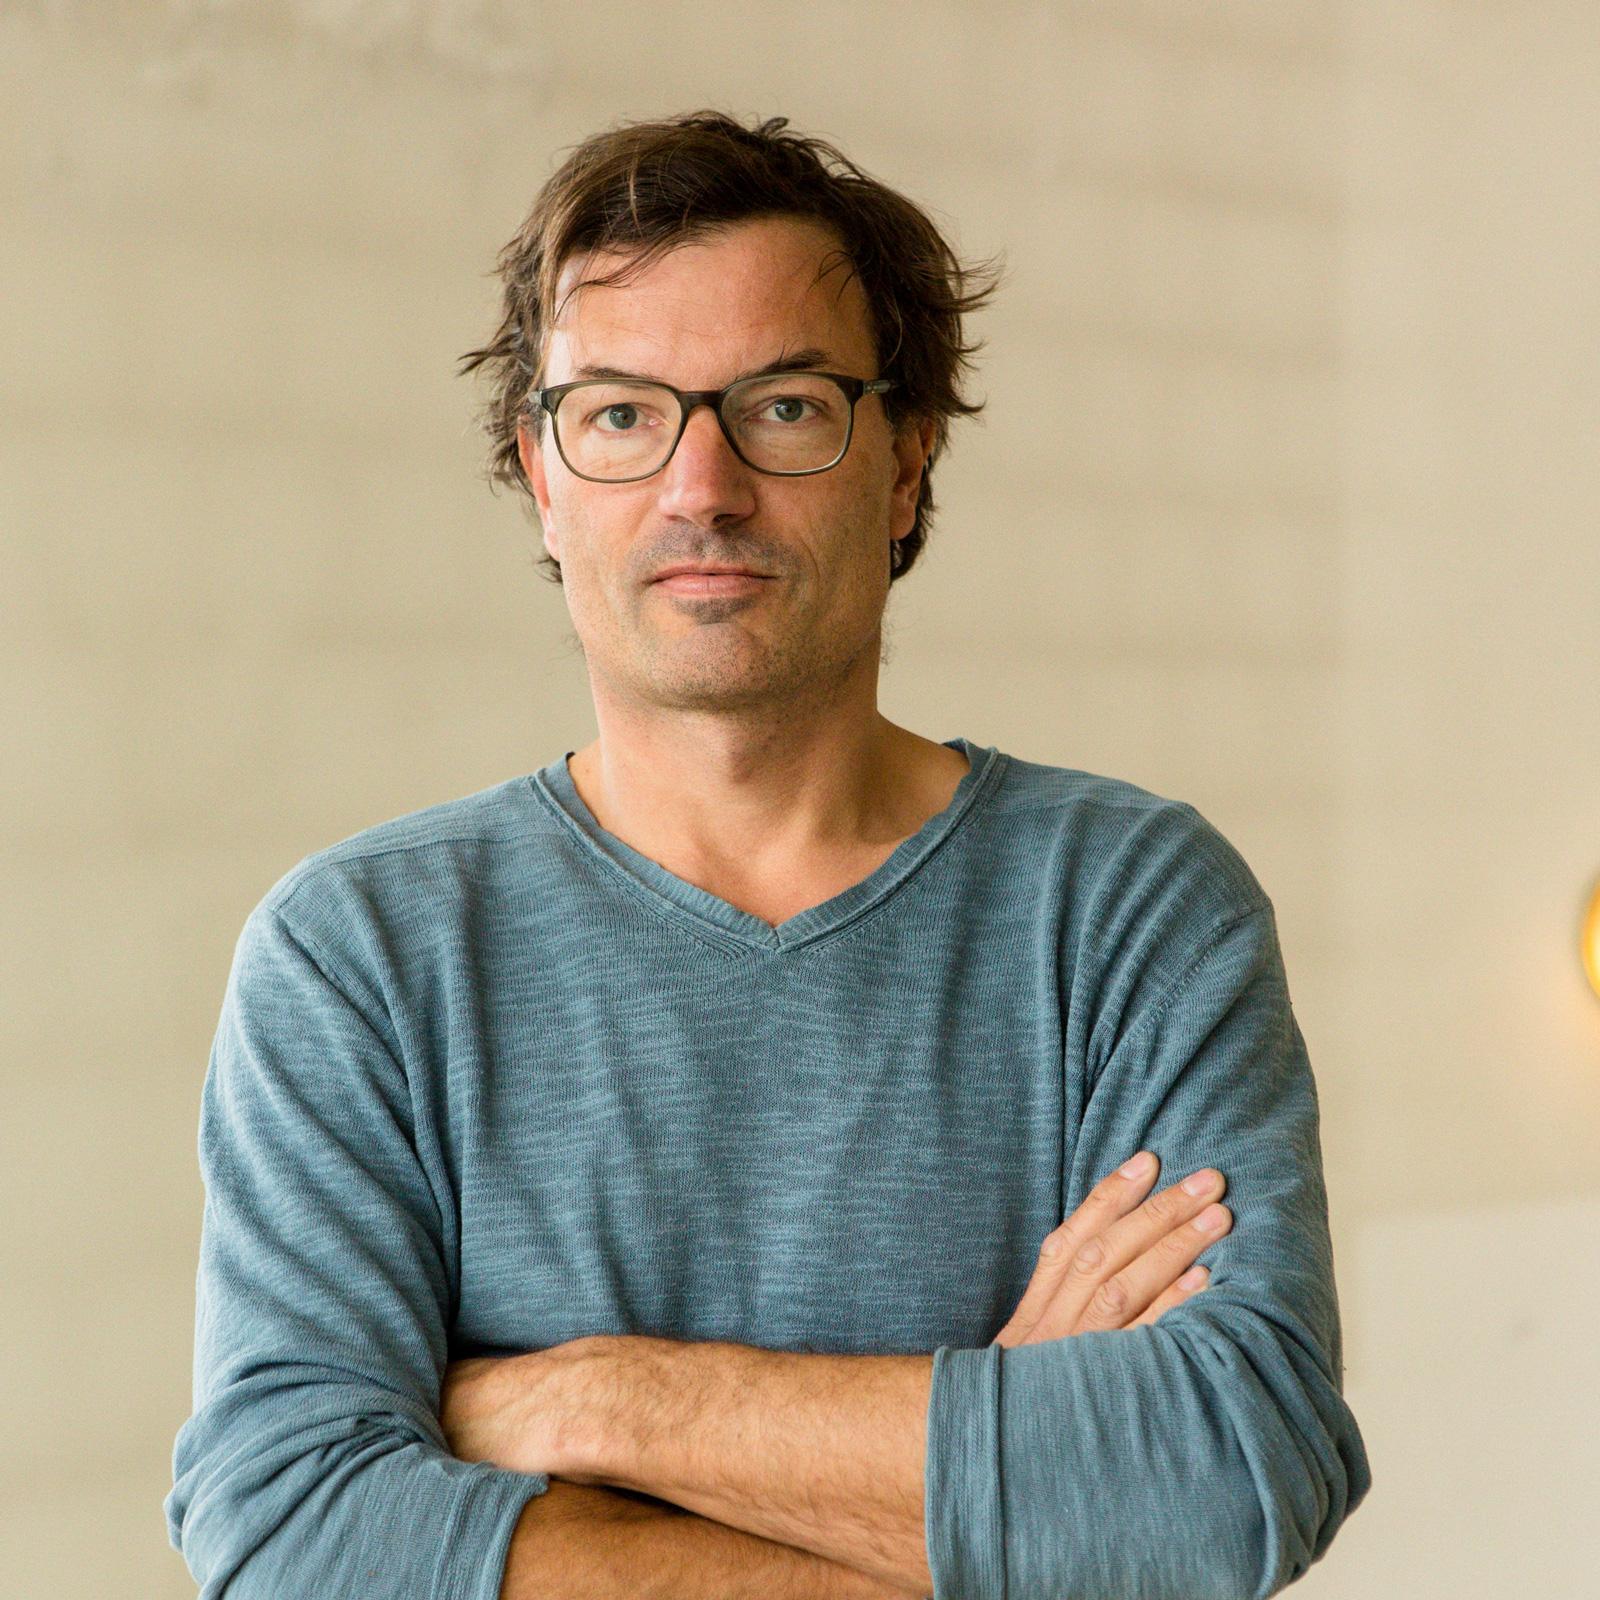 Daniel Fügenschuh, Vorsitzender der Bundessektion ArchitektInnen und Vizepräsident der Bundeskammer der ZiviltechnikerInnen